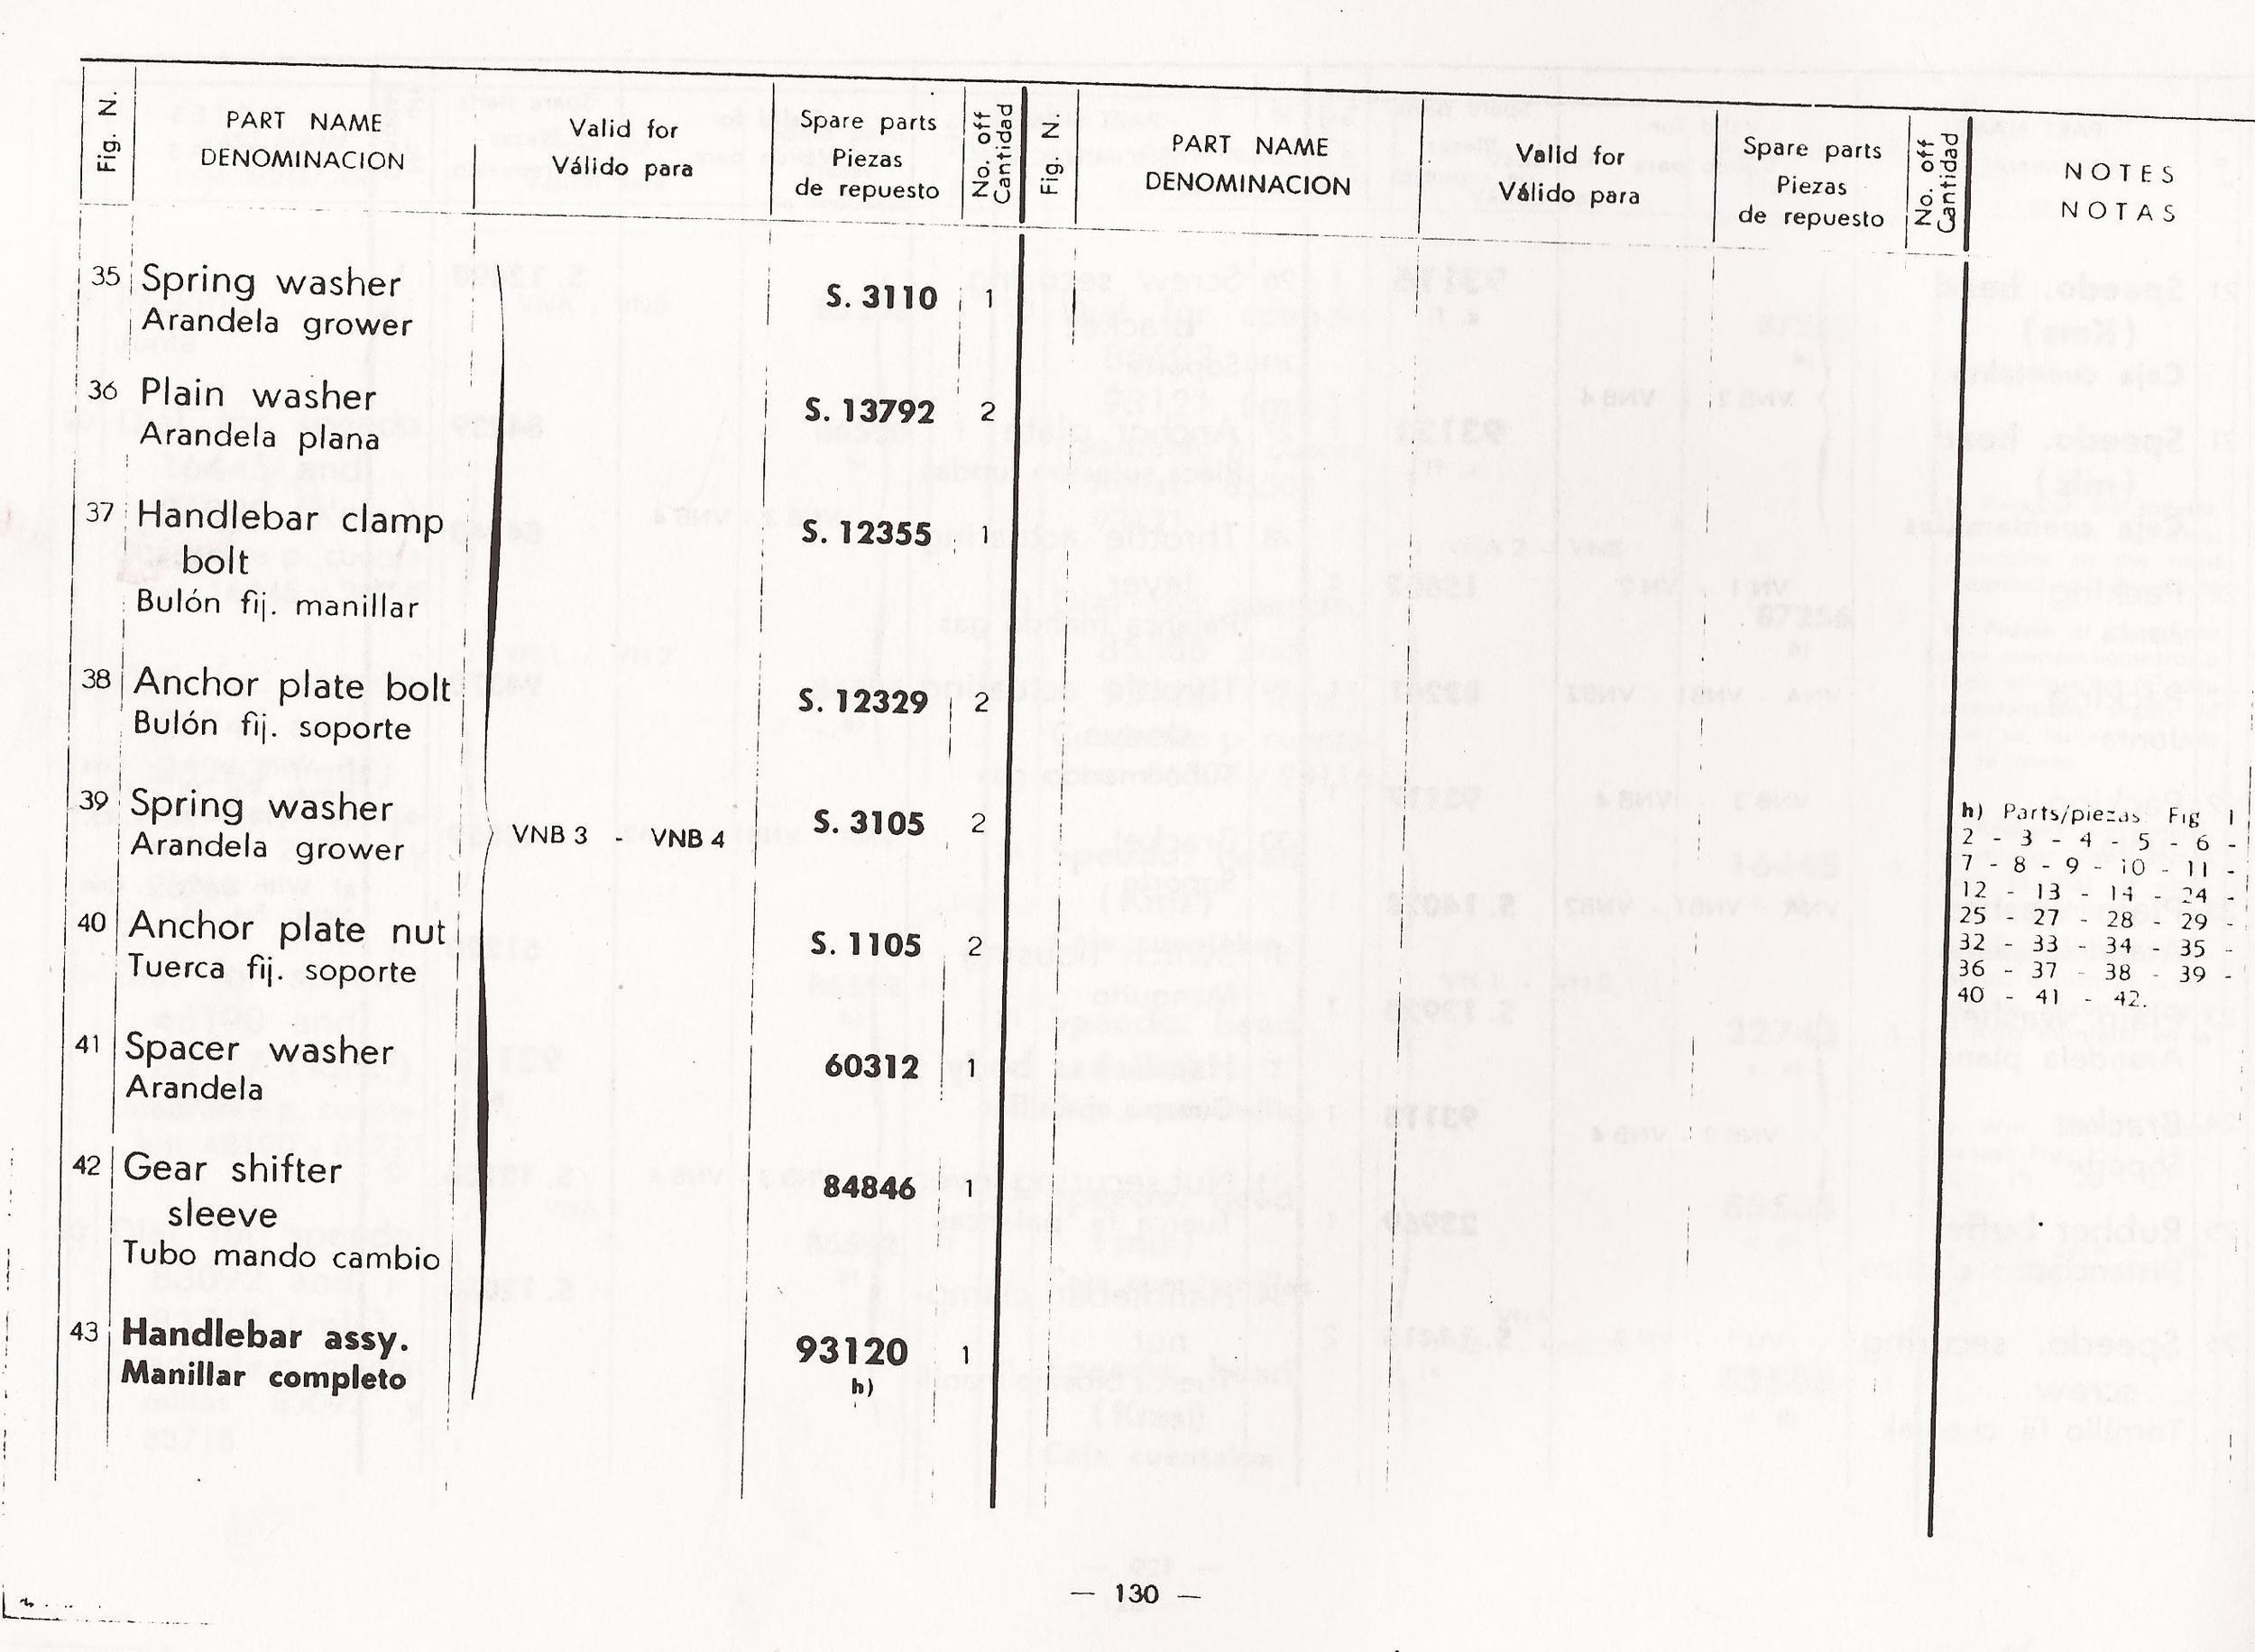 07-16-2013 vespa 125 catalog manuel 141.jpg